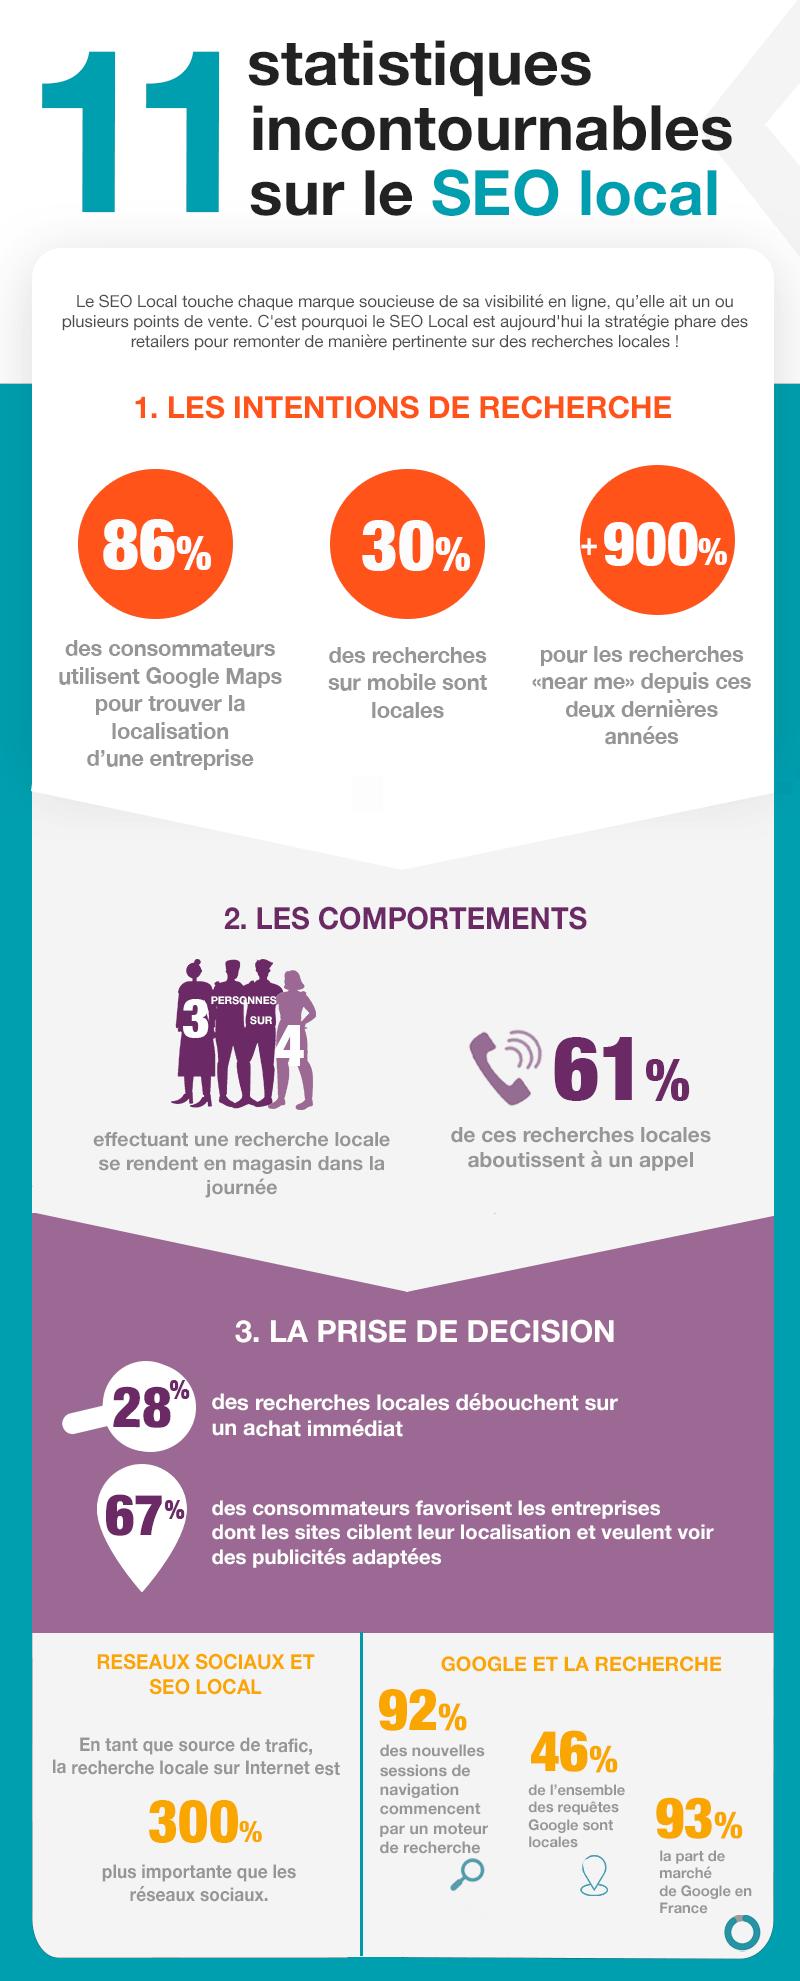 infographie : 11 statistiques incontournables sur le SEO local